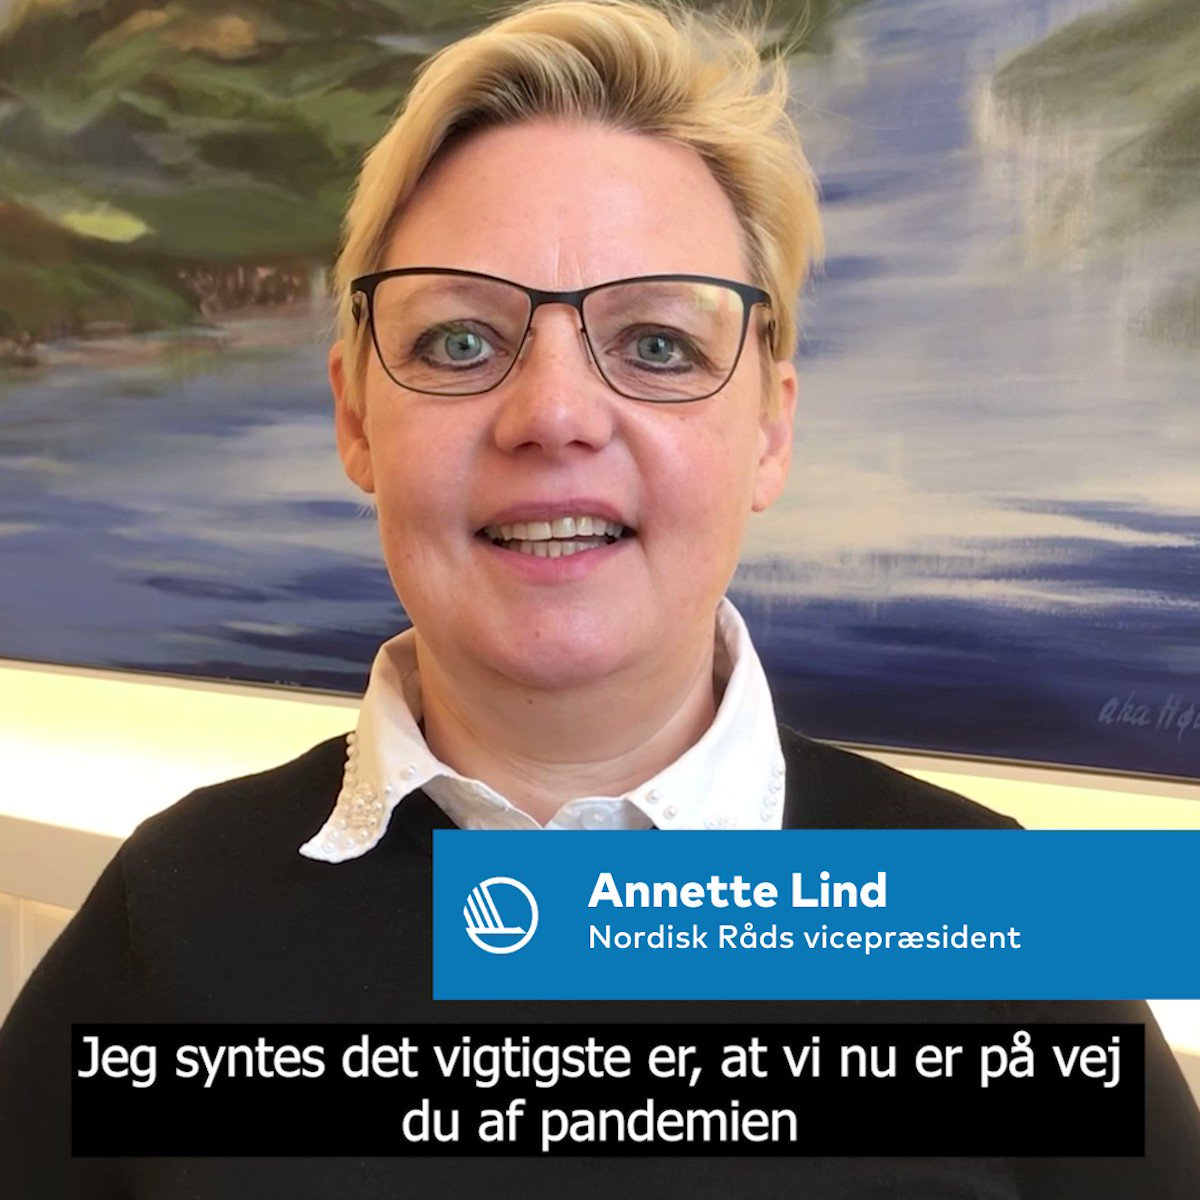 Vad är den viktigaste frågan på Nordiska rådets #nrsession 1-4 nov? Frågan går till vicepresident @annette_lind som bla nämner toppmötet med statsministrarna, där debatten handlar om pandemin och nordiska samarbetet @SocNR#nrpol Se videon och läs mer 👉 https://t.co/deUO6VdMmC https://t.co/sZPDAt2WtA